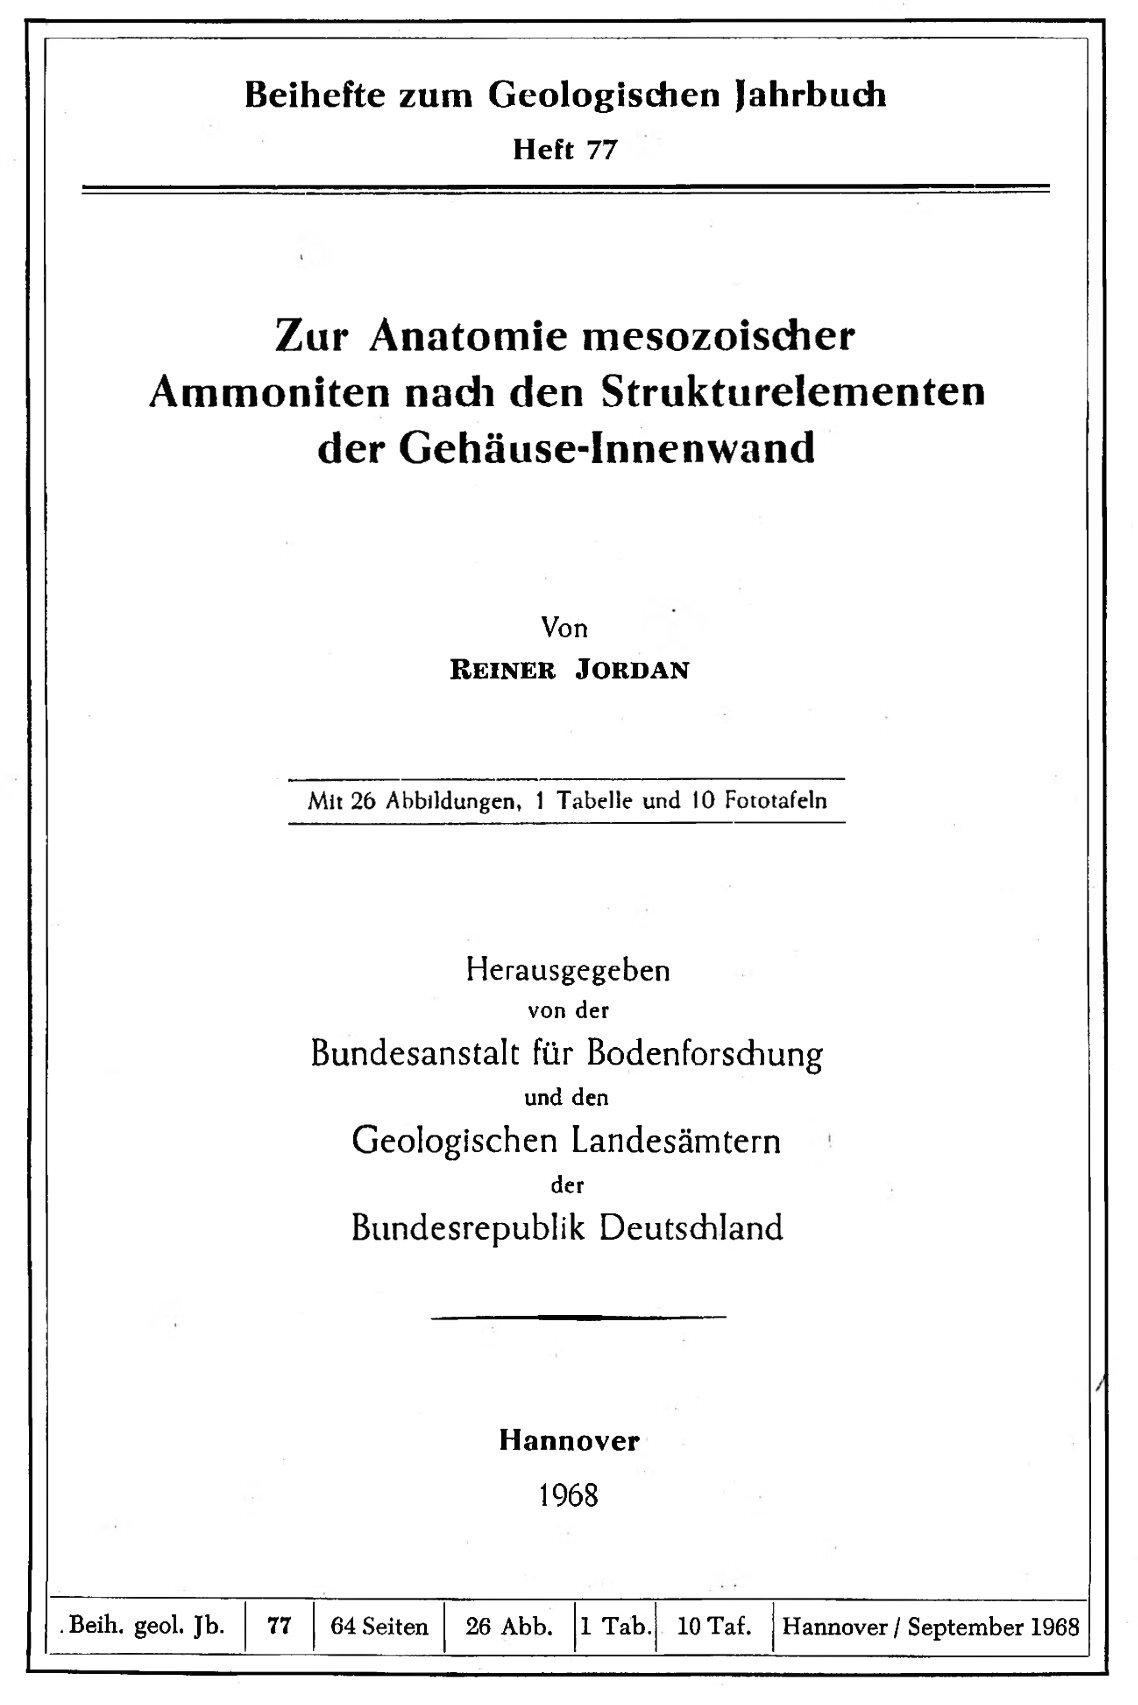 Großartig Seiten Bedeutung In Der Anatomie Bilder - Anatomie Ideen ...